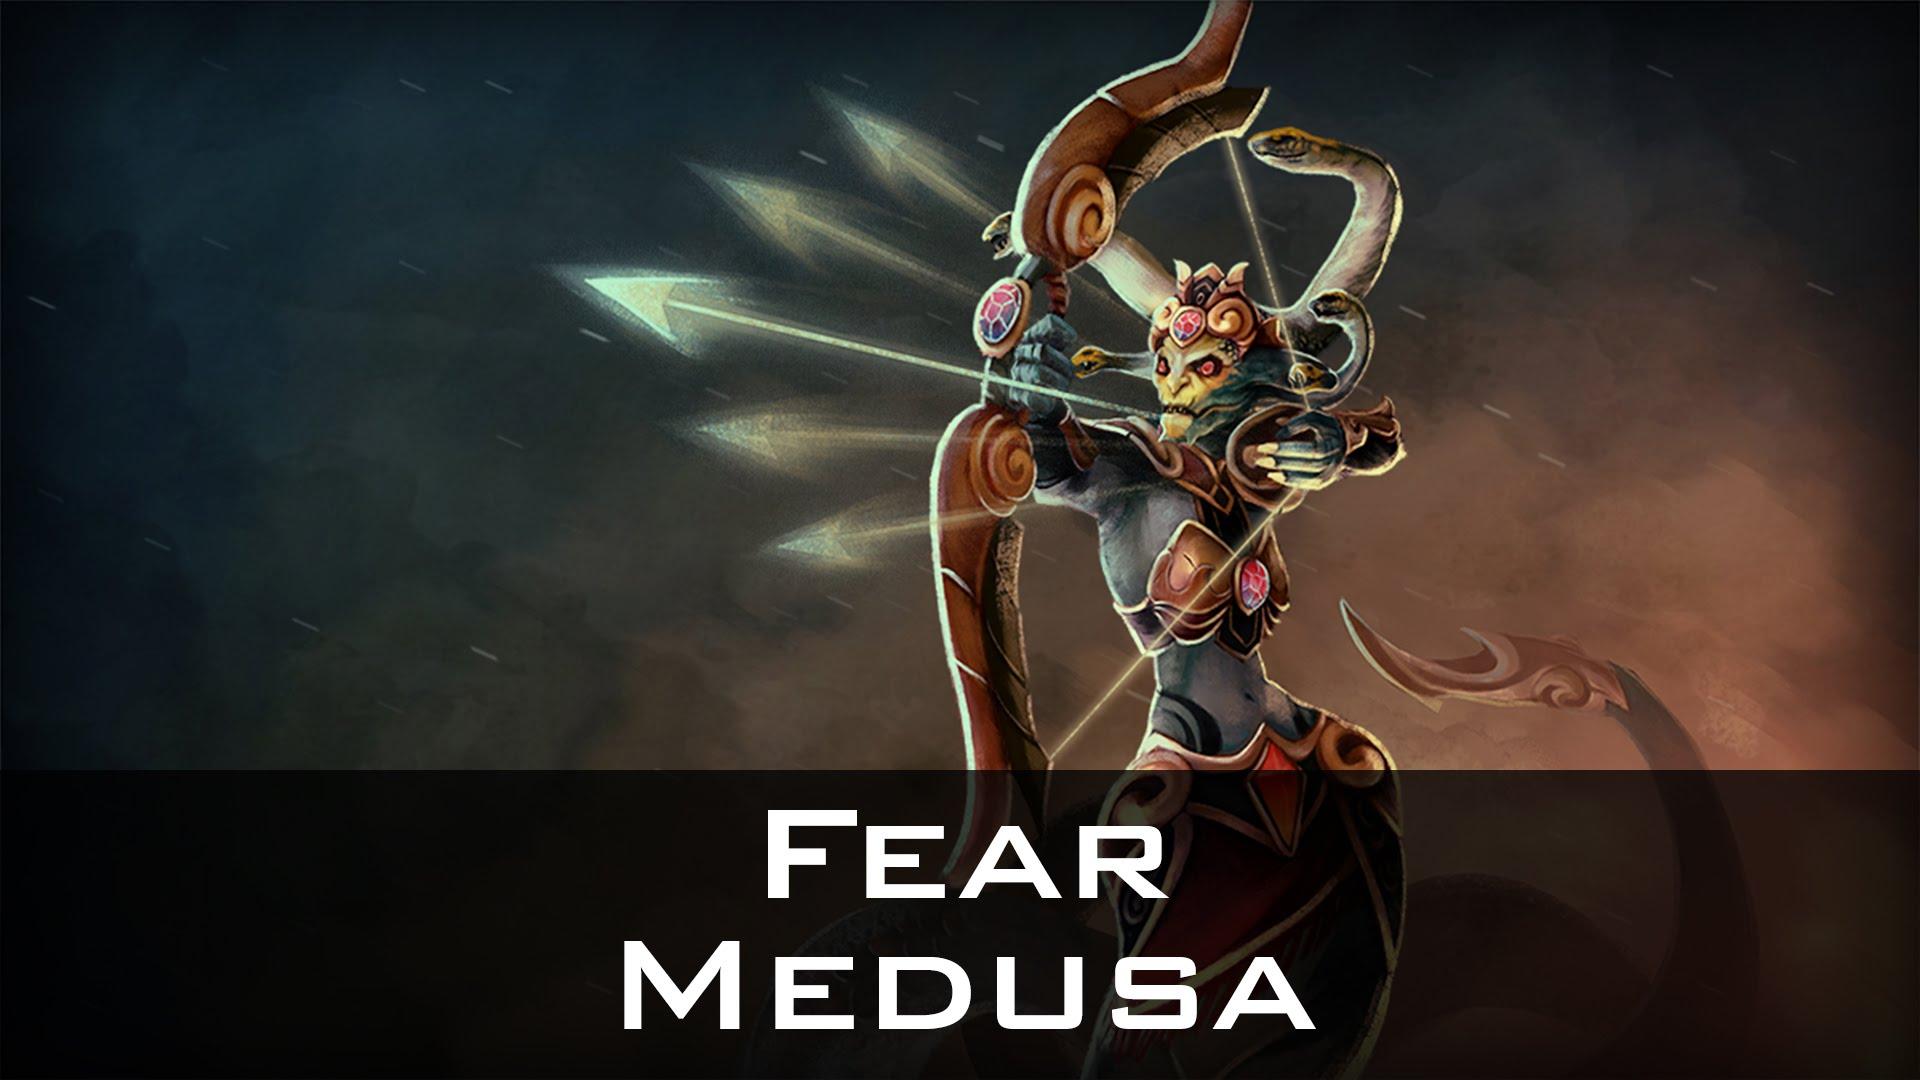 Dota2 : Medusa Desktop wallpapers